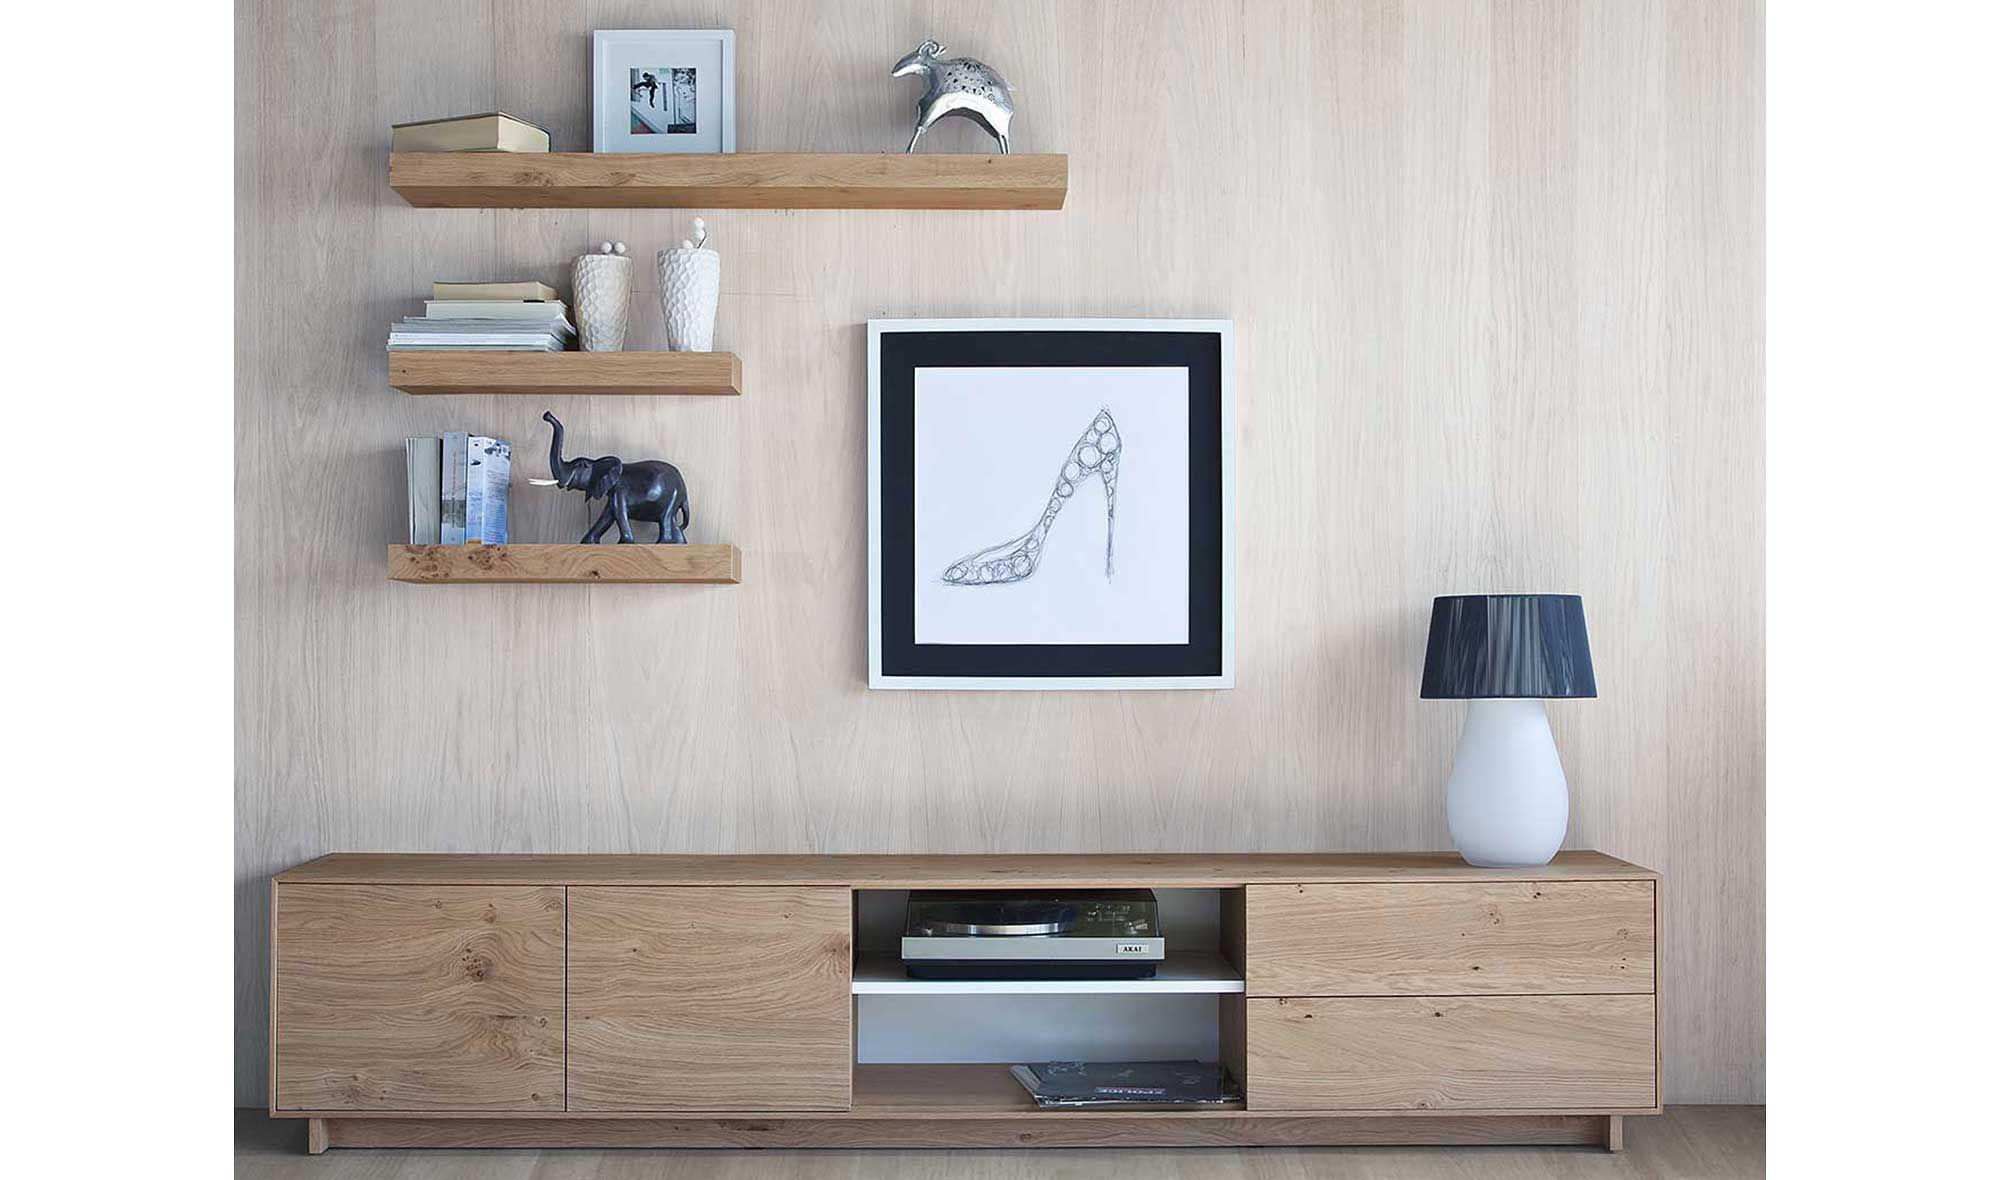 Mueble de tv nordic purline en 2019 home muebles para - Nogal americano muebles ...